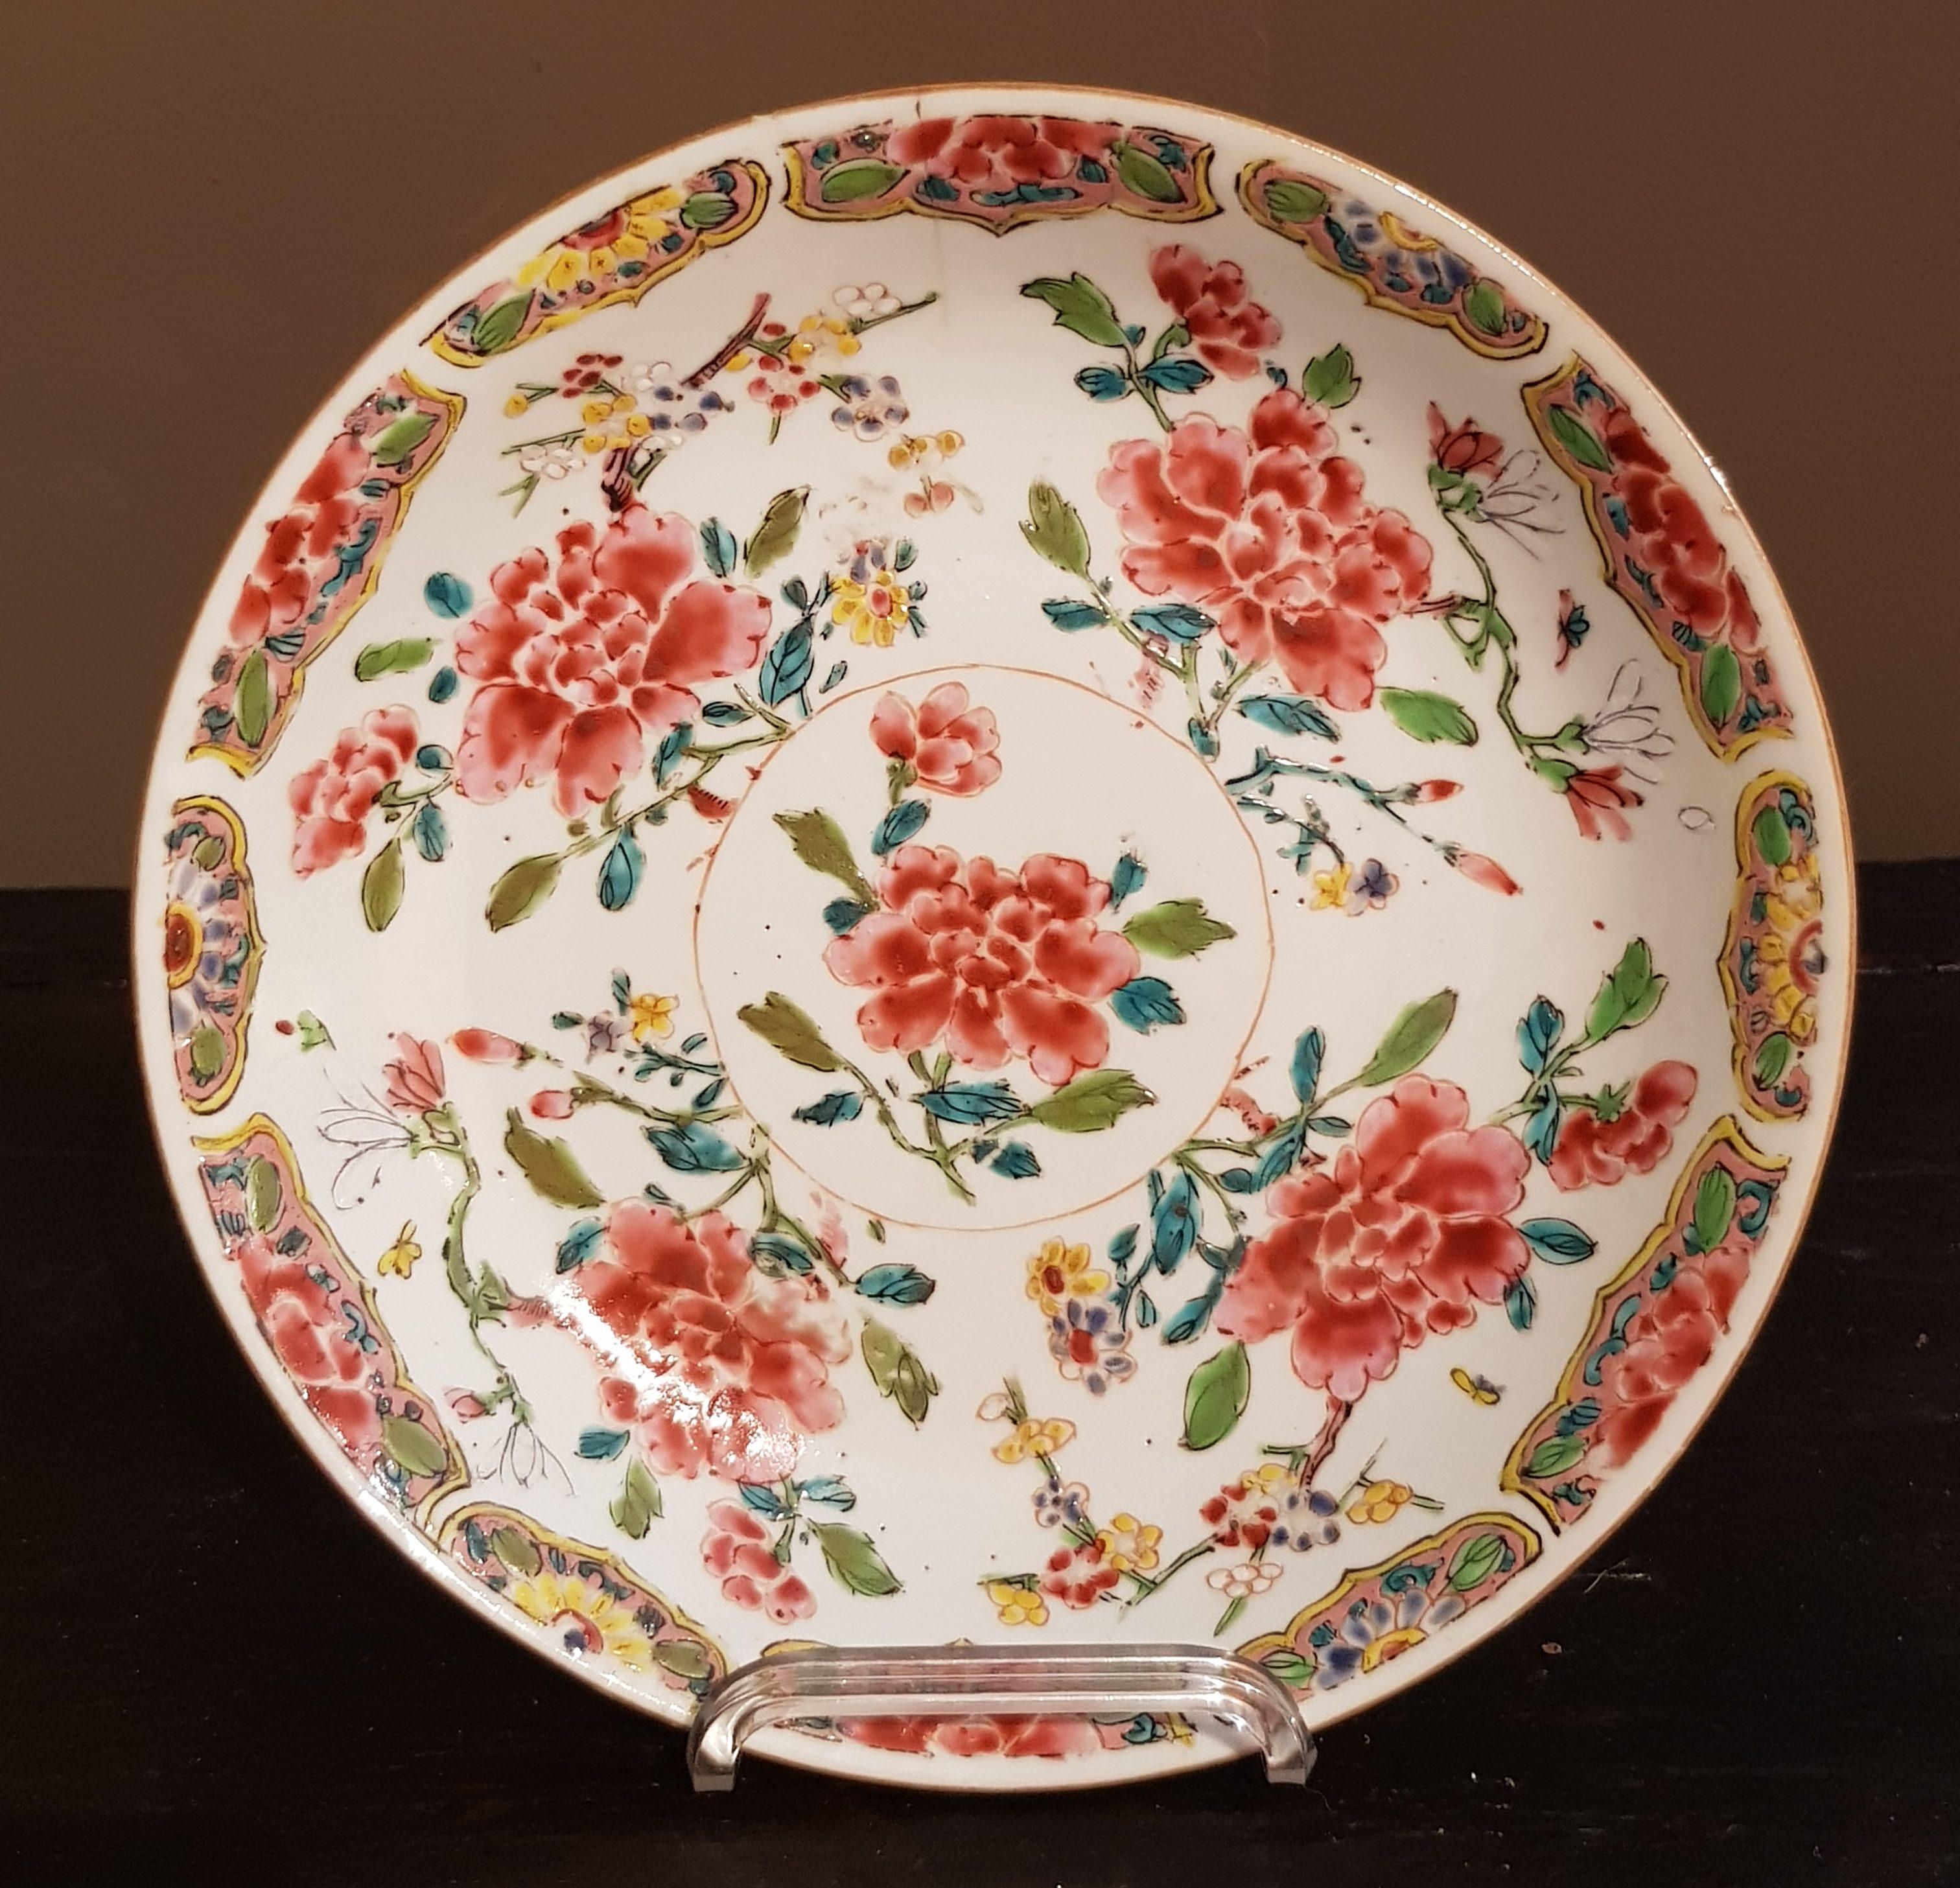 Compotier Porcelaine de Chine - Famille Rose - Qianlong Image